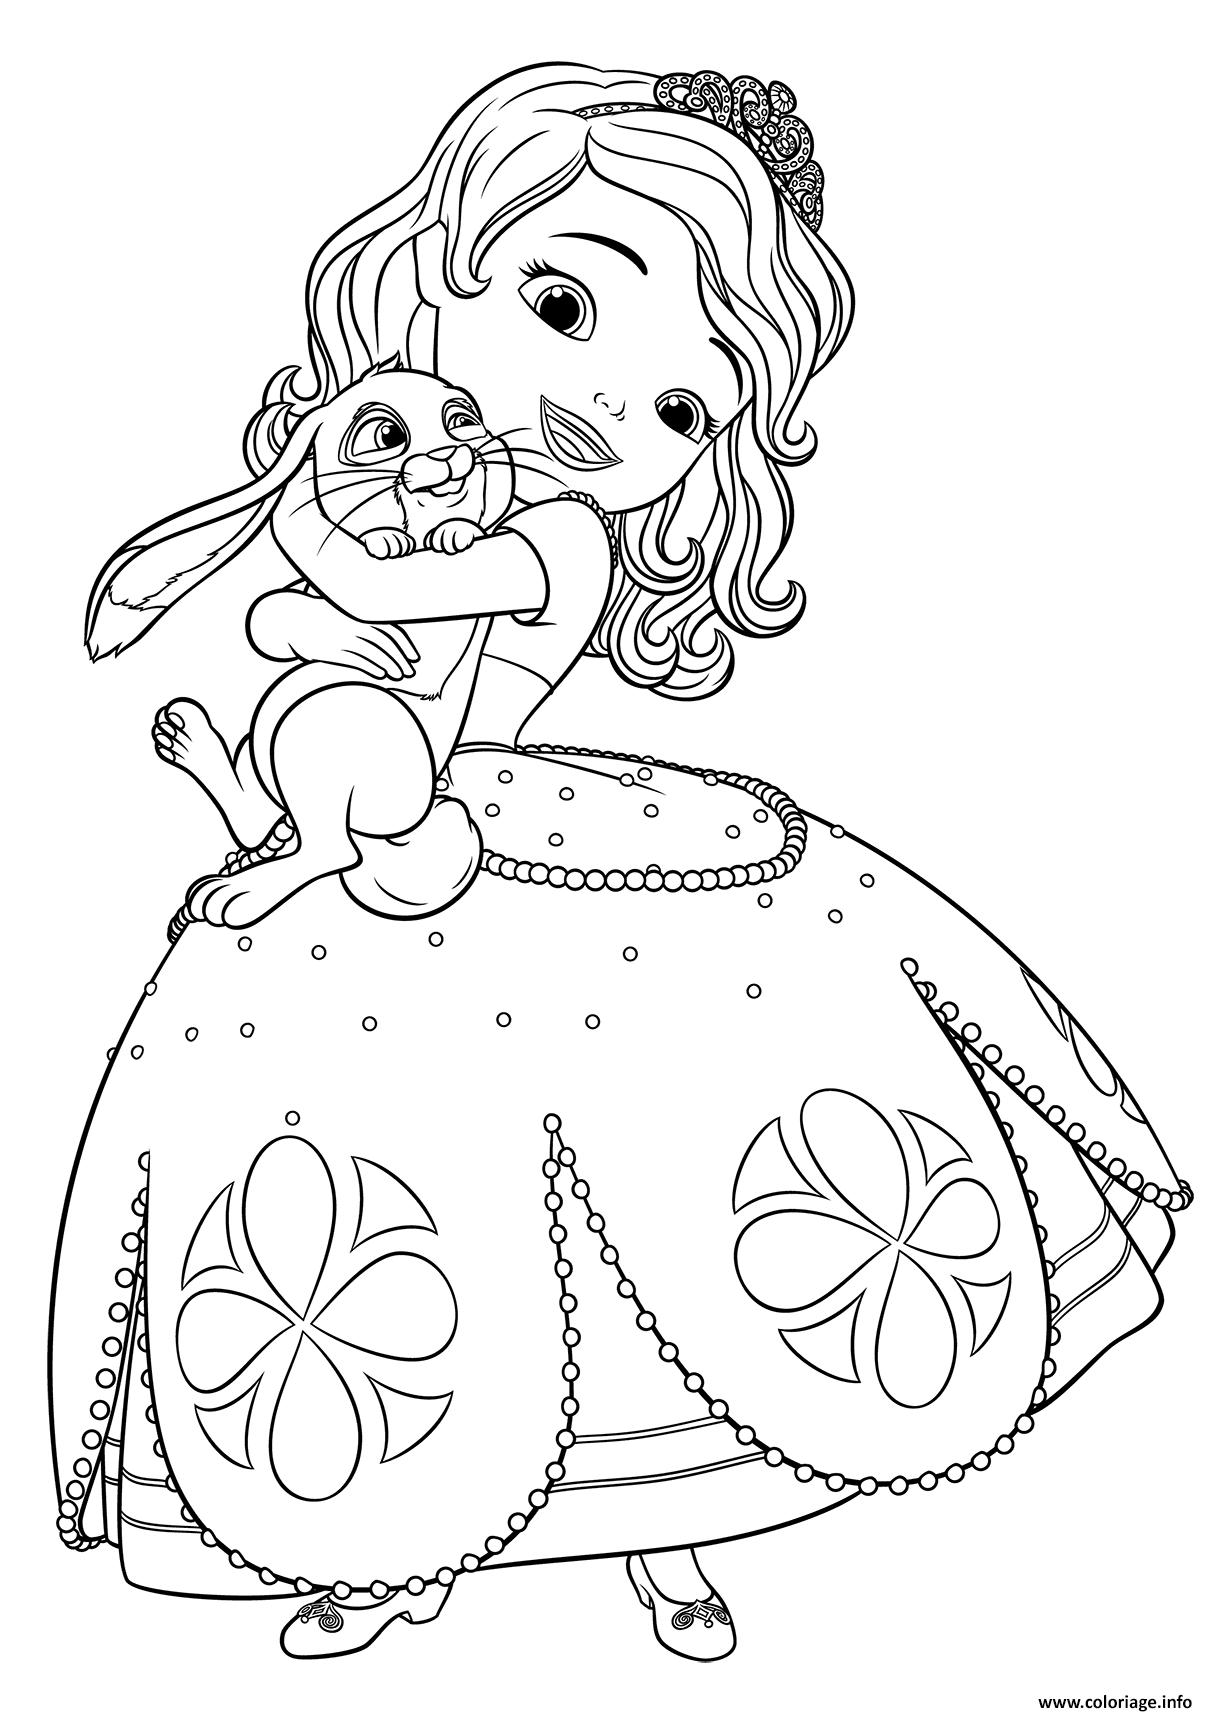 Meilleur de coloriage princesse sirene a imprimer meilleur coloriage pour les enfants - Jeux de princesse sofia sirene gratuit ...